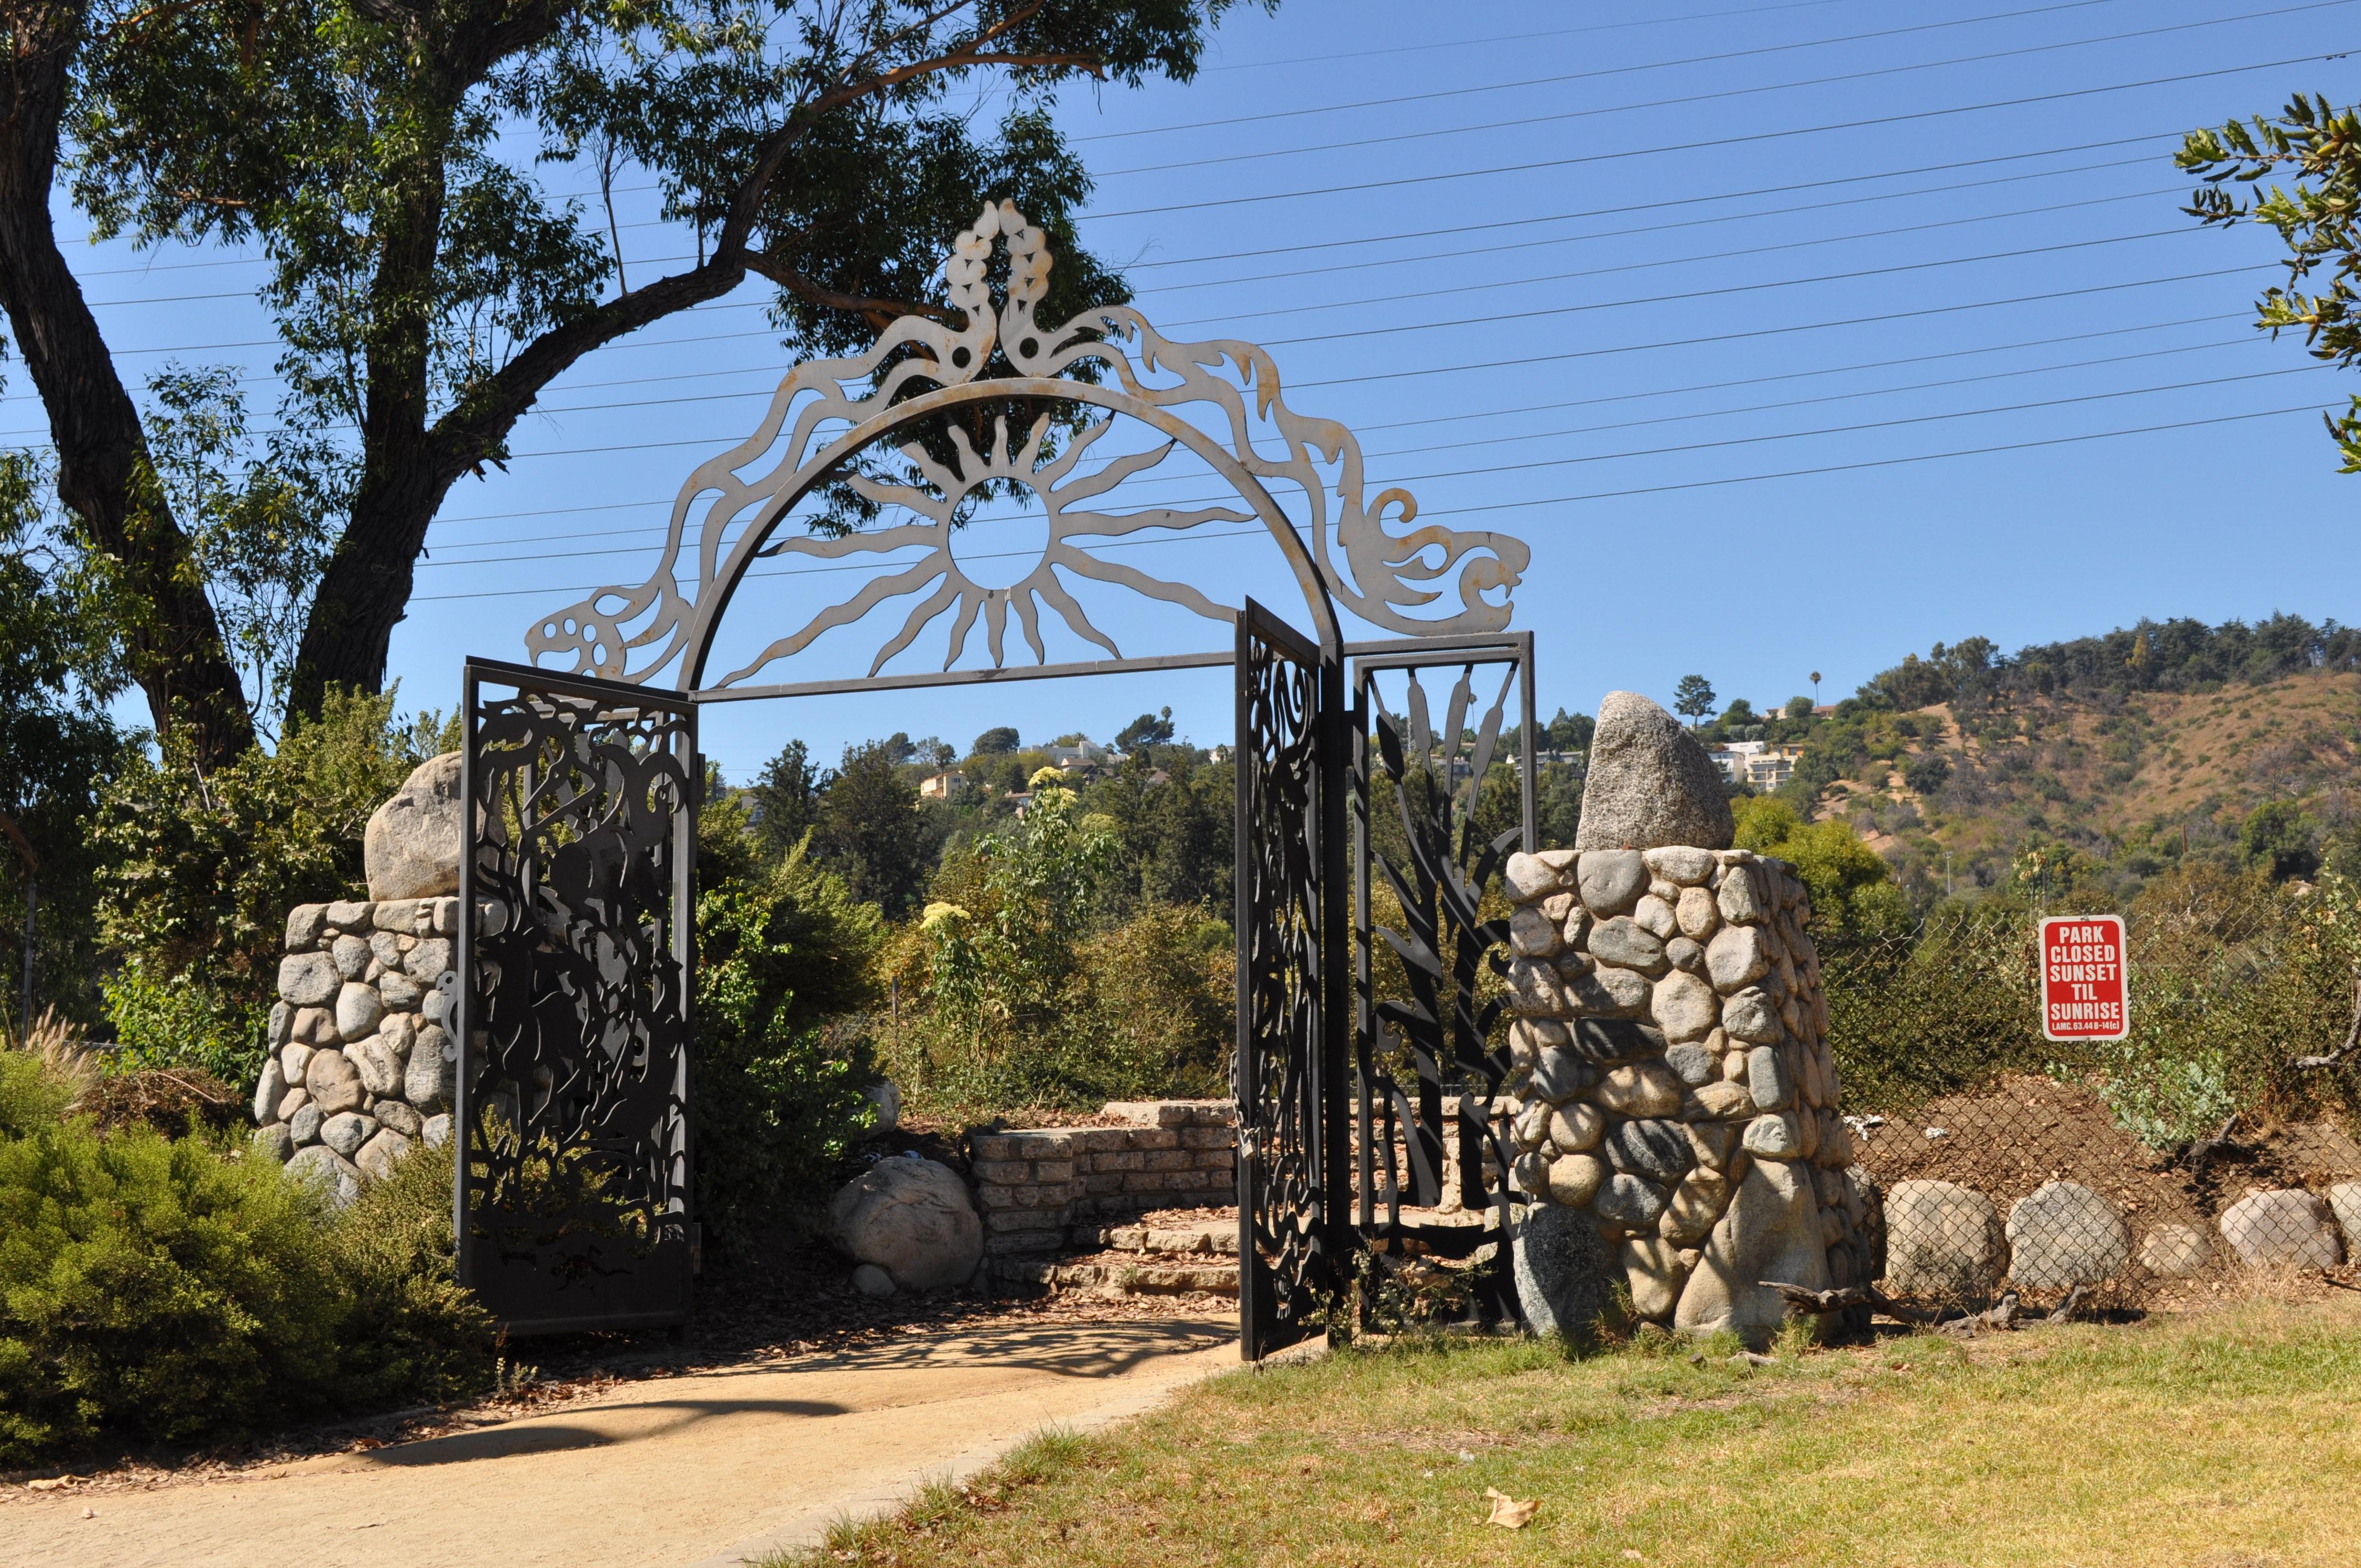 la river gate